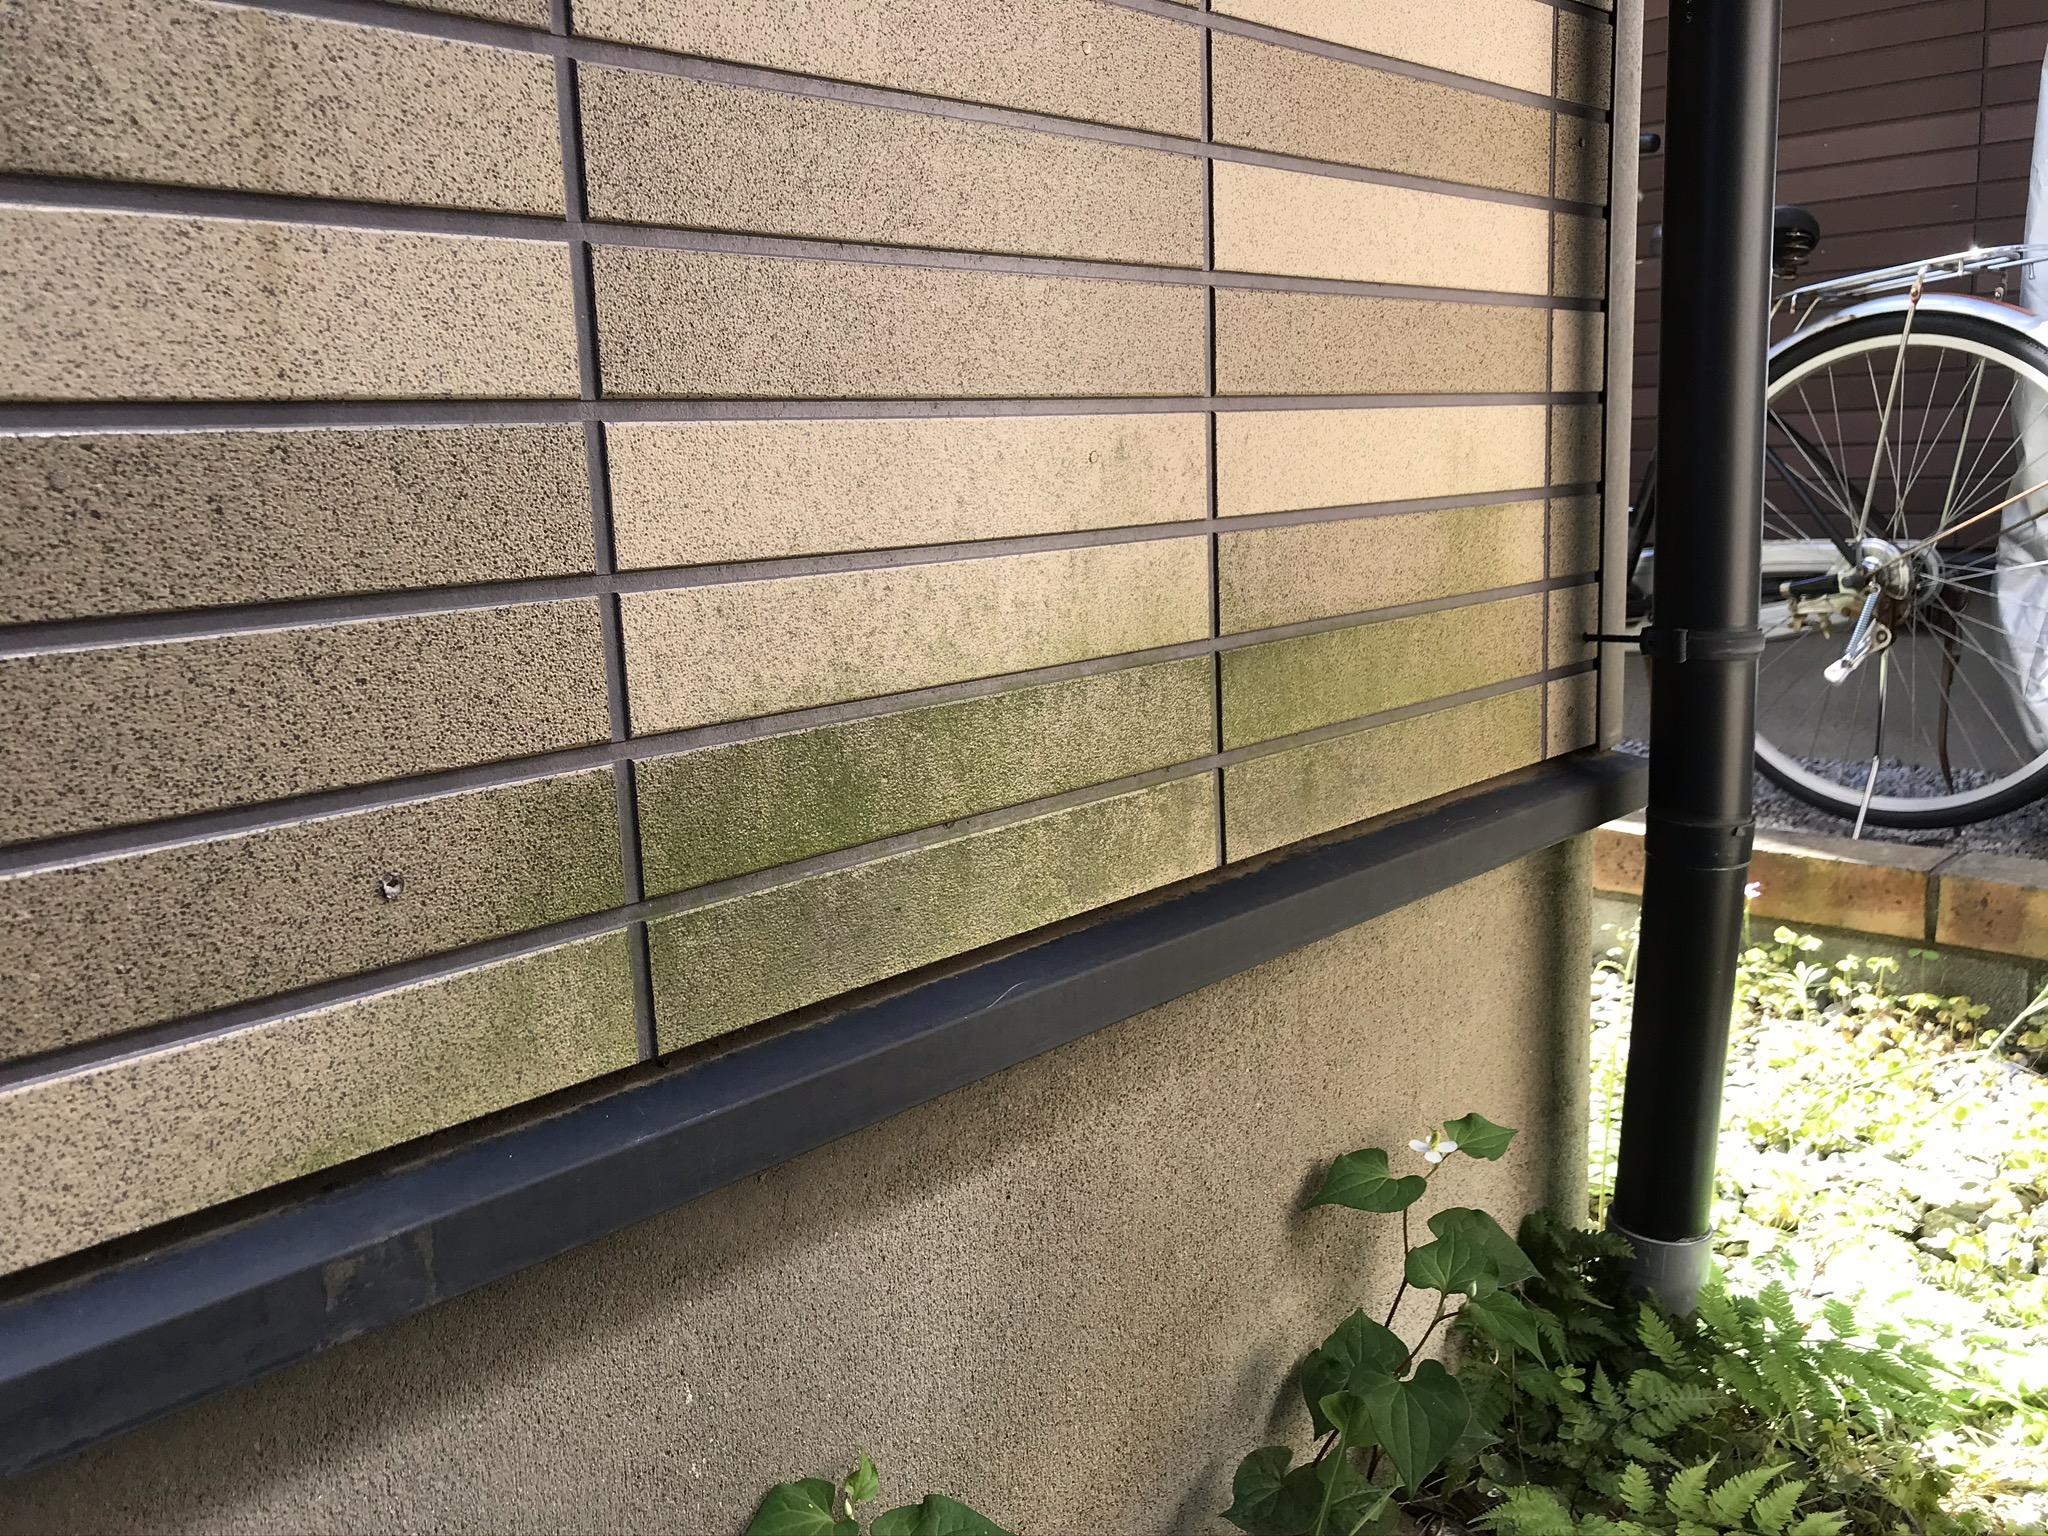 上尾市サイディングボード下部に発生した緑の苔